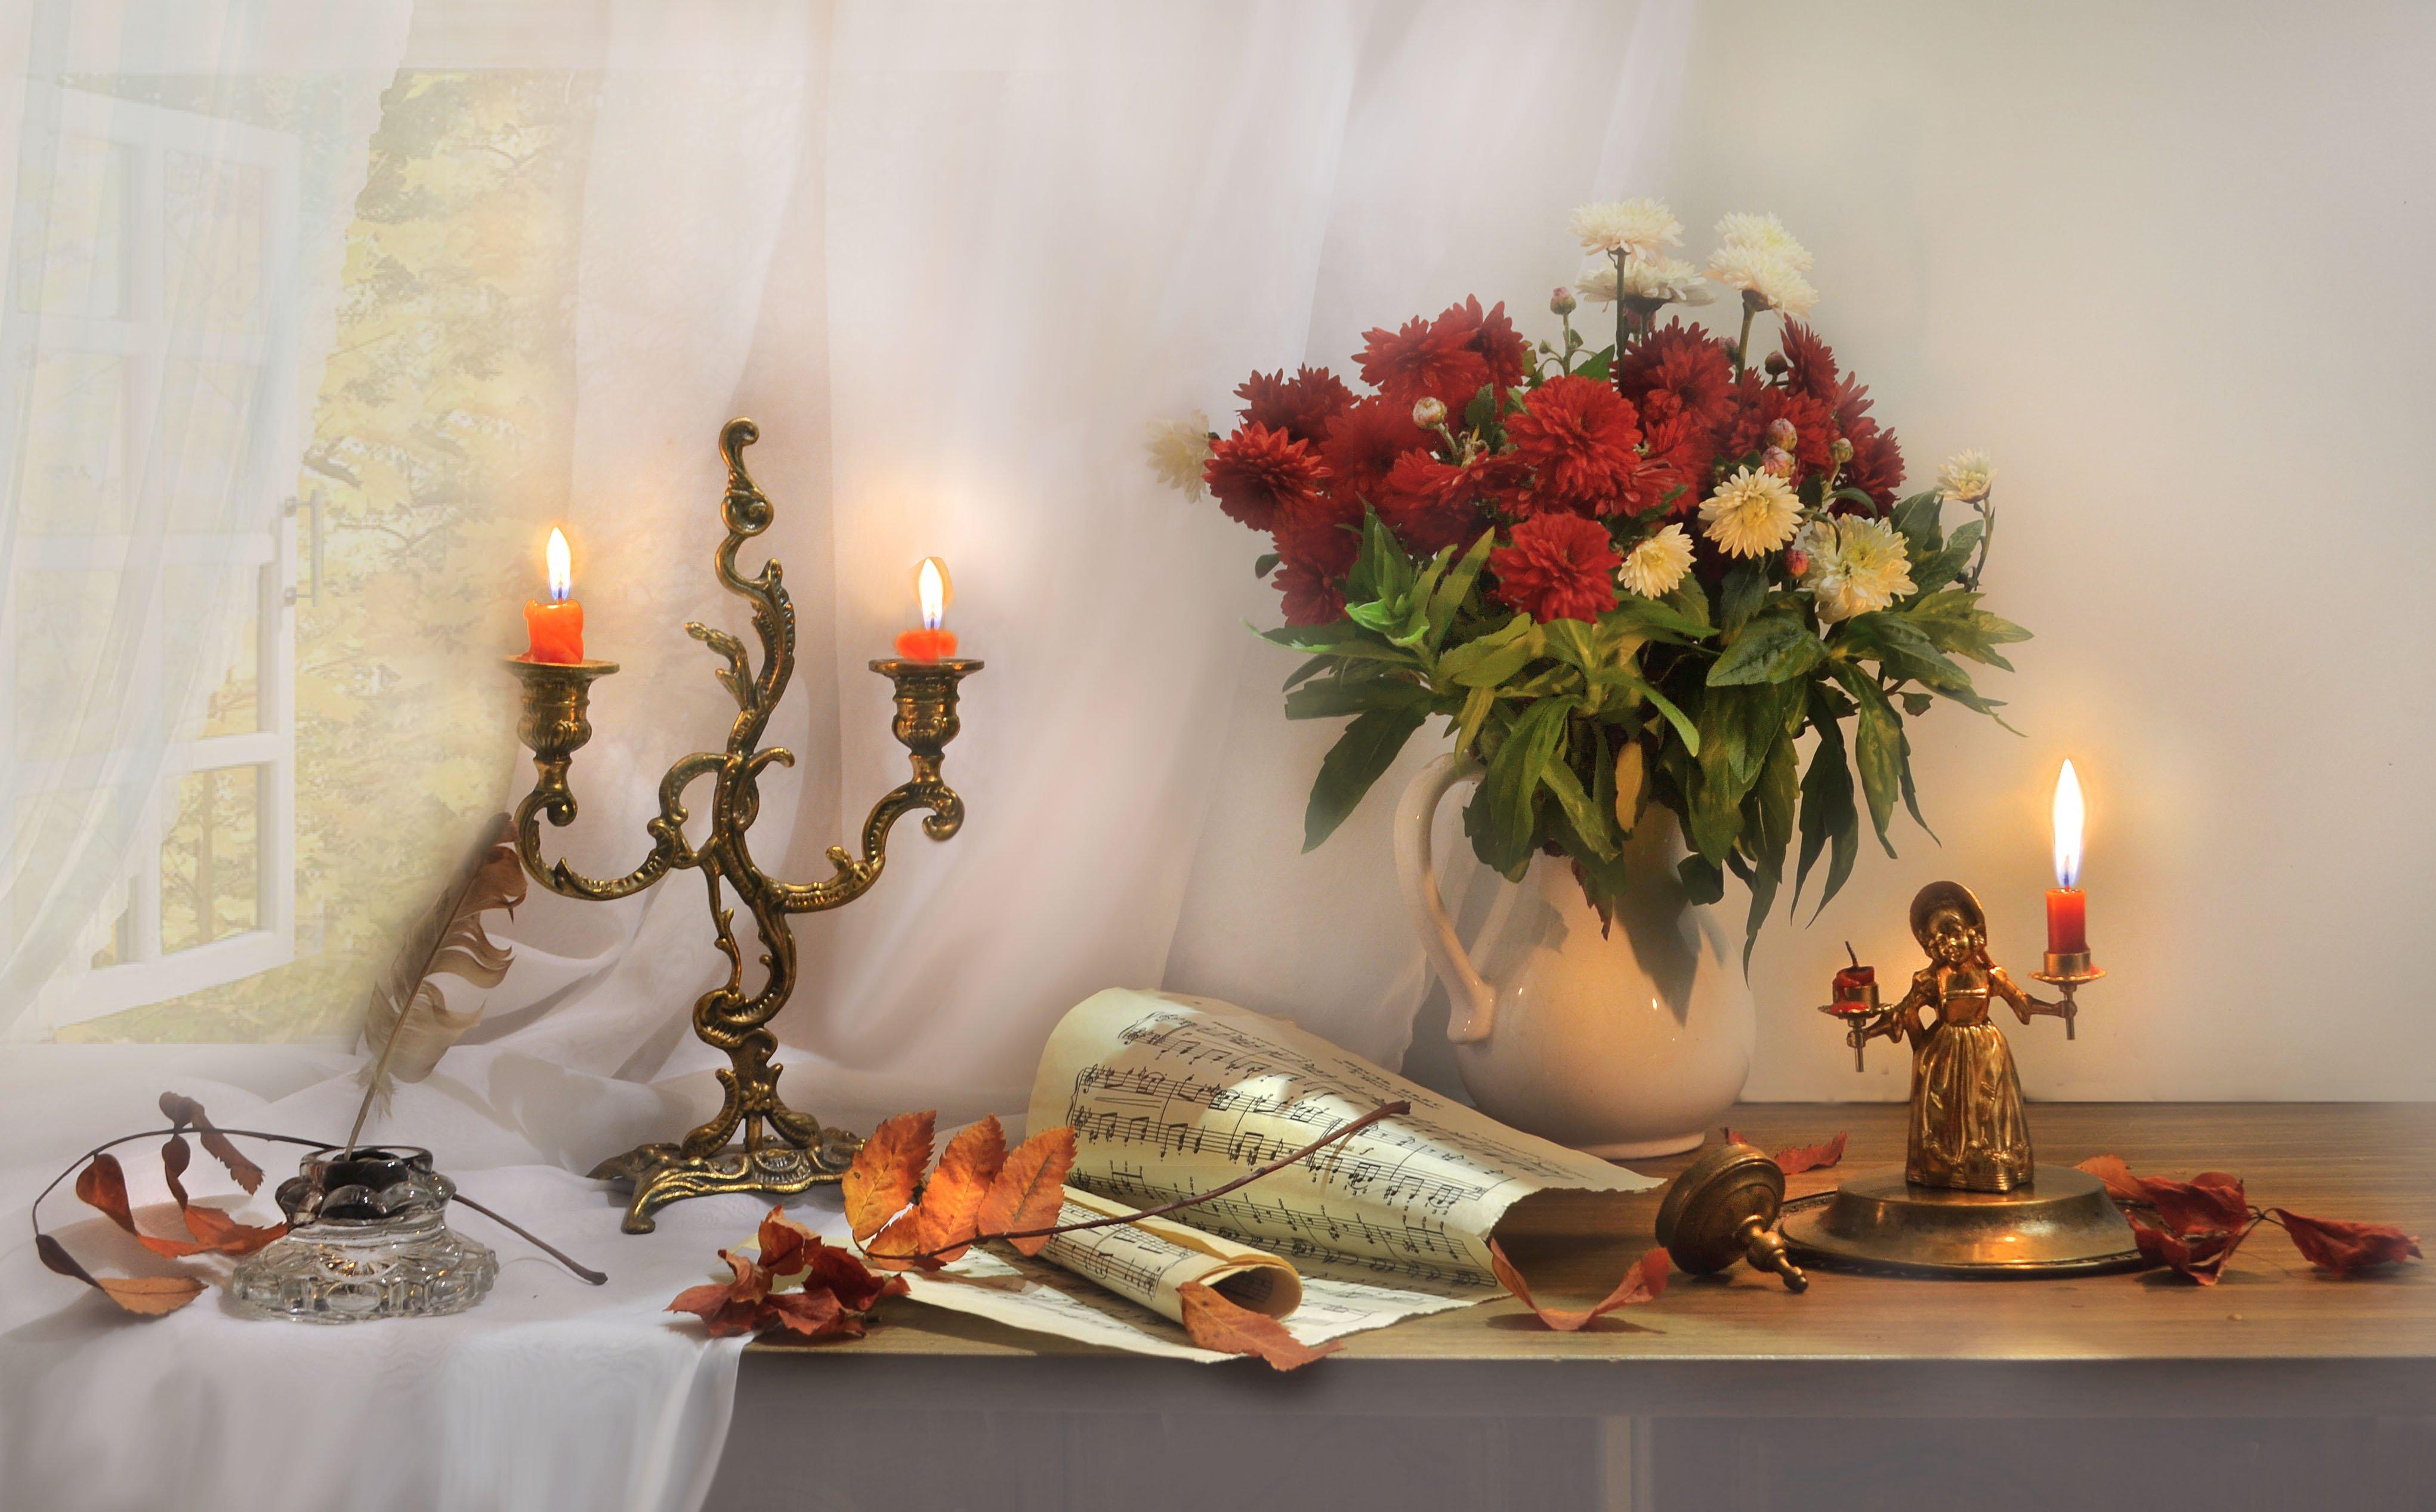 still life,натюрморт,фото натюрморт, осень, октябрь, свечи, подсвечник, ноты, листья, цветы, хризантемы, Колова Валентина